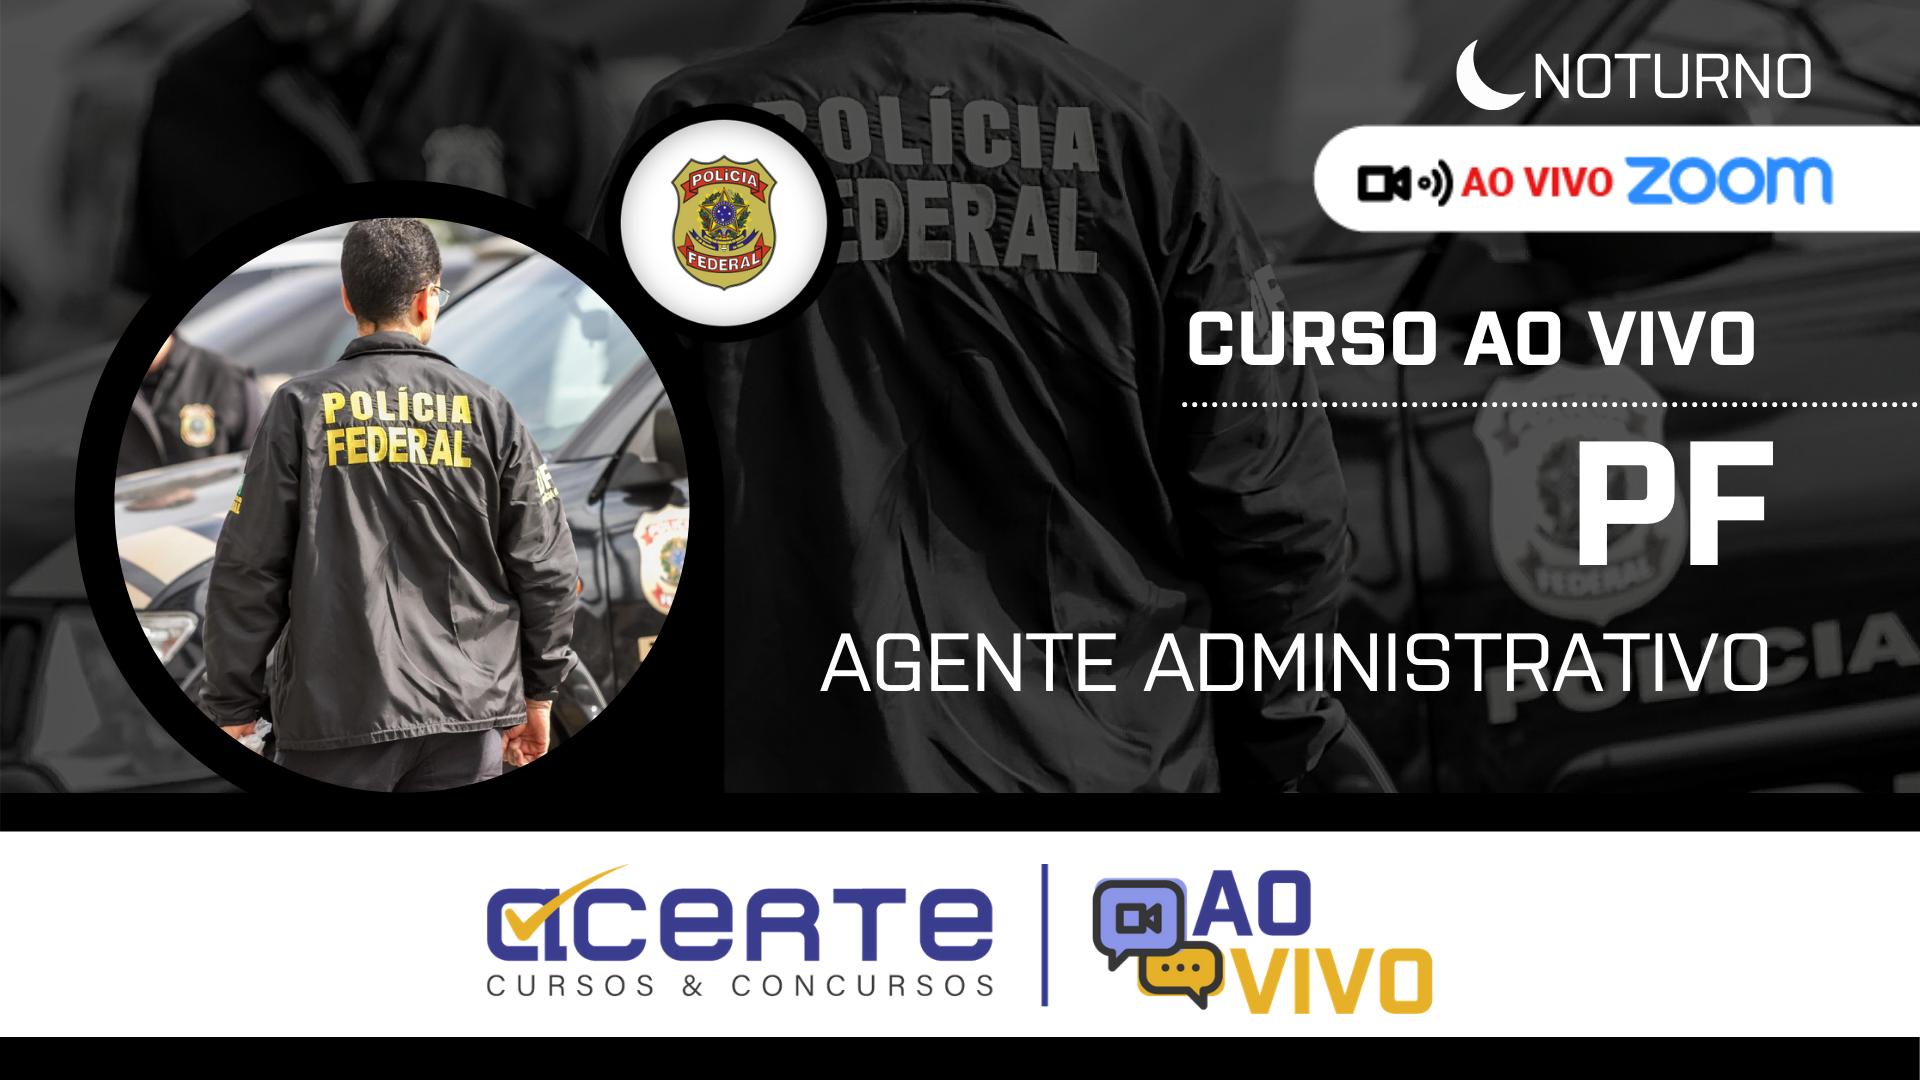 Polícia Federal - PF - Agente Administrativo AO VIVO - Noturno